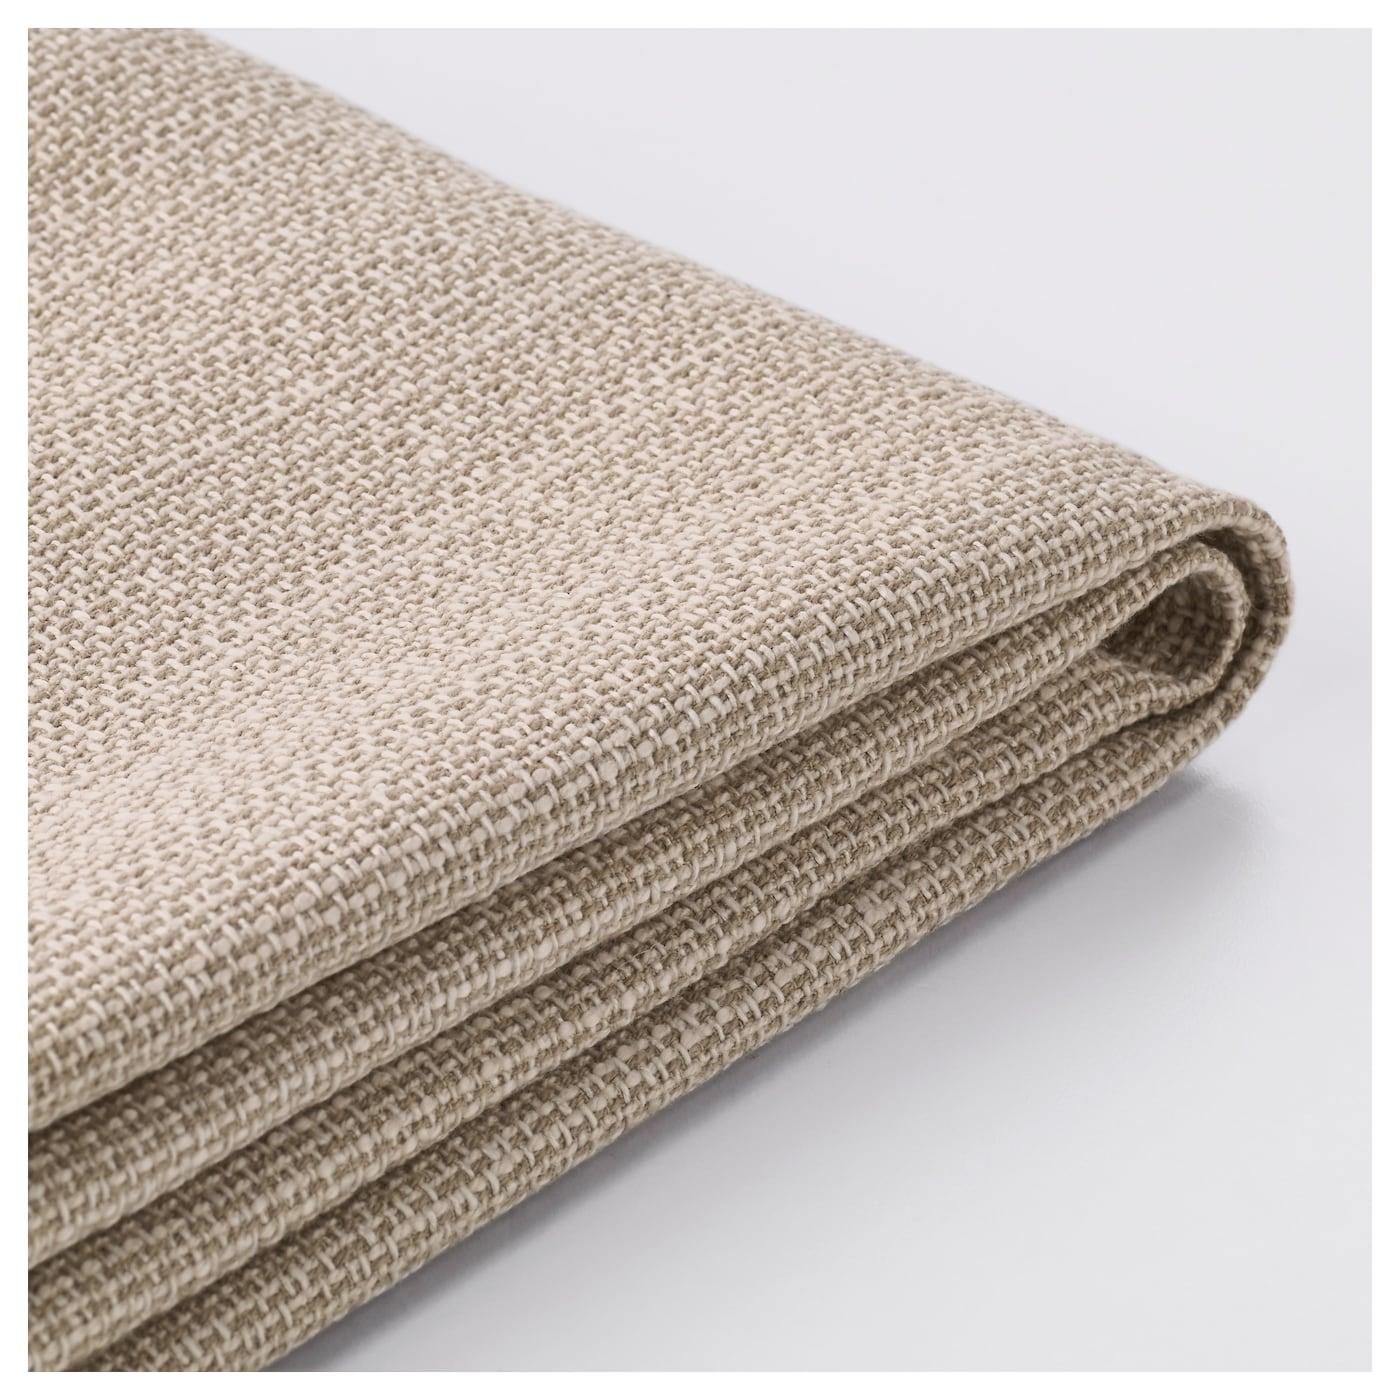 Lycksele Solsta Ullvia Ikea Tullsta Klobo Poang Covers in beautiful vintage look bird print cotton. Olarp Klippan